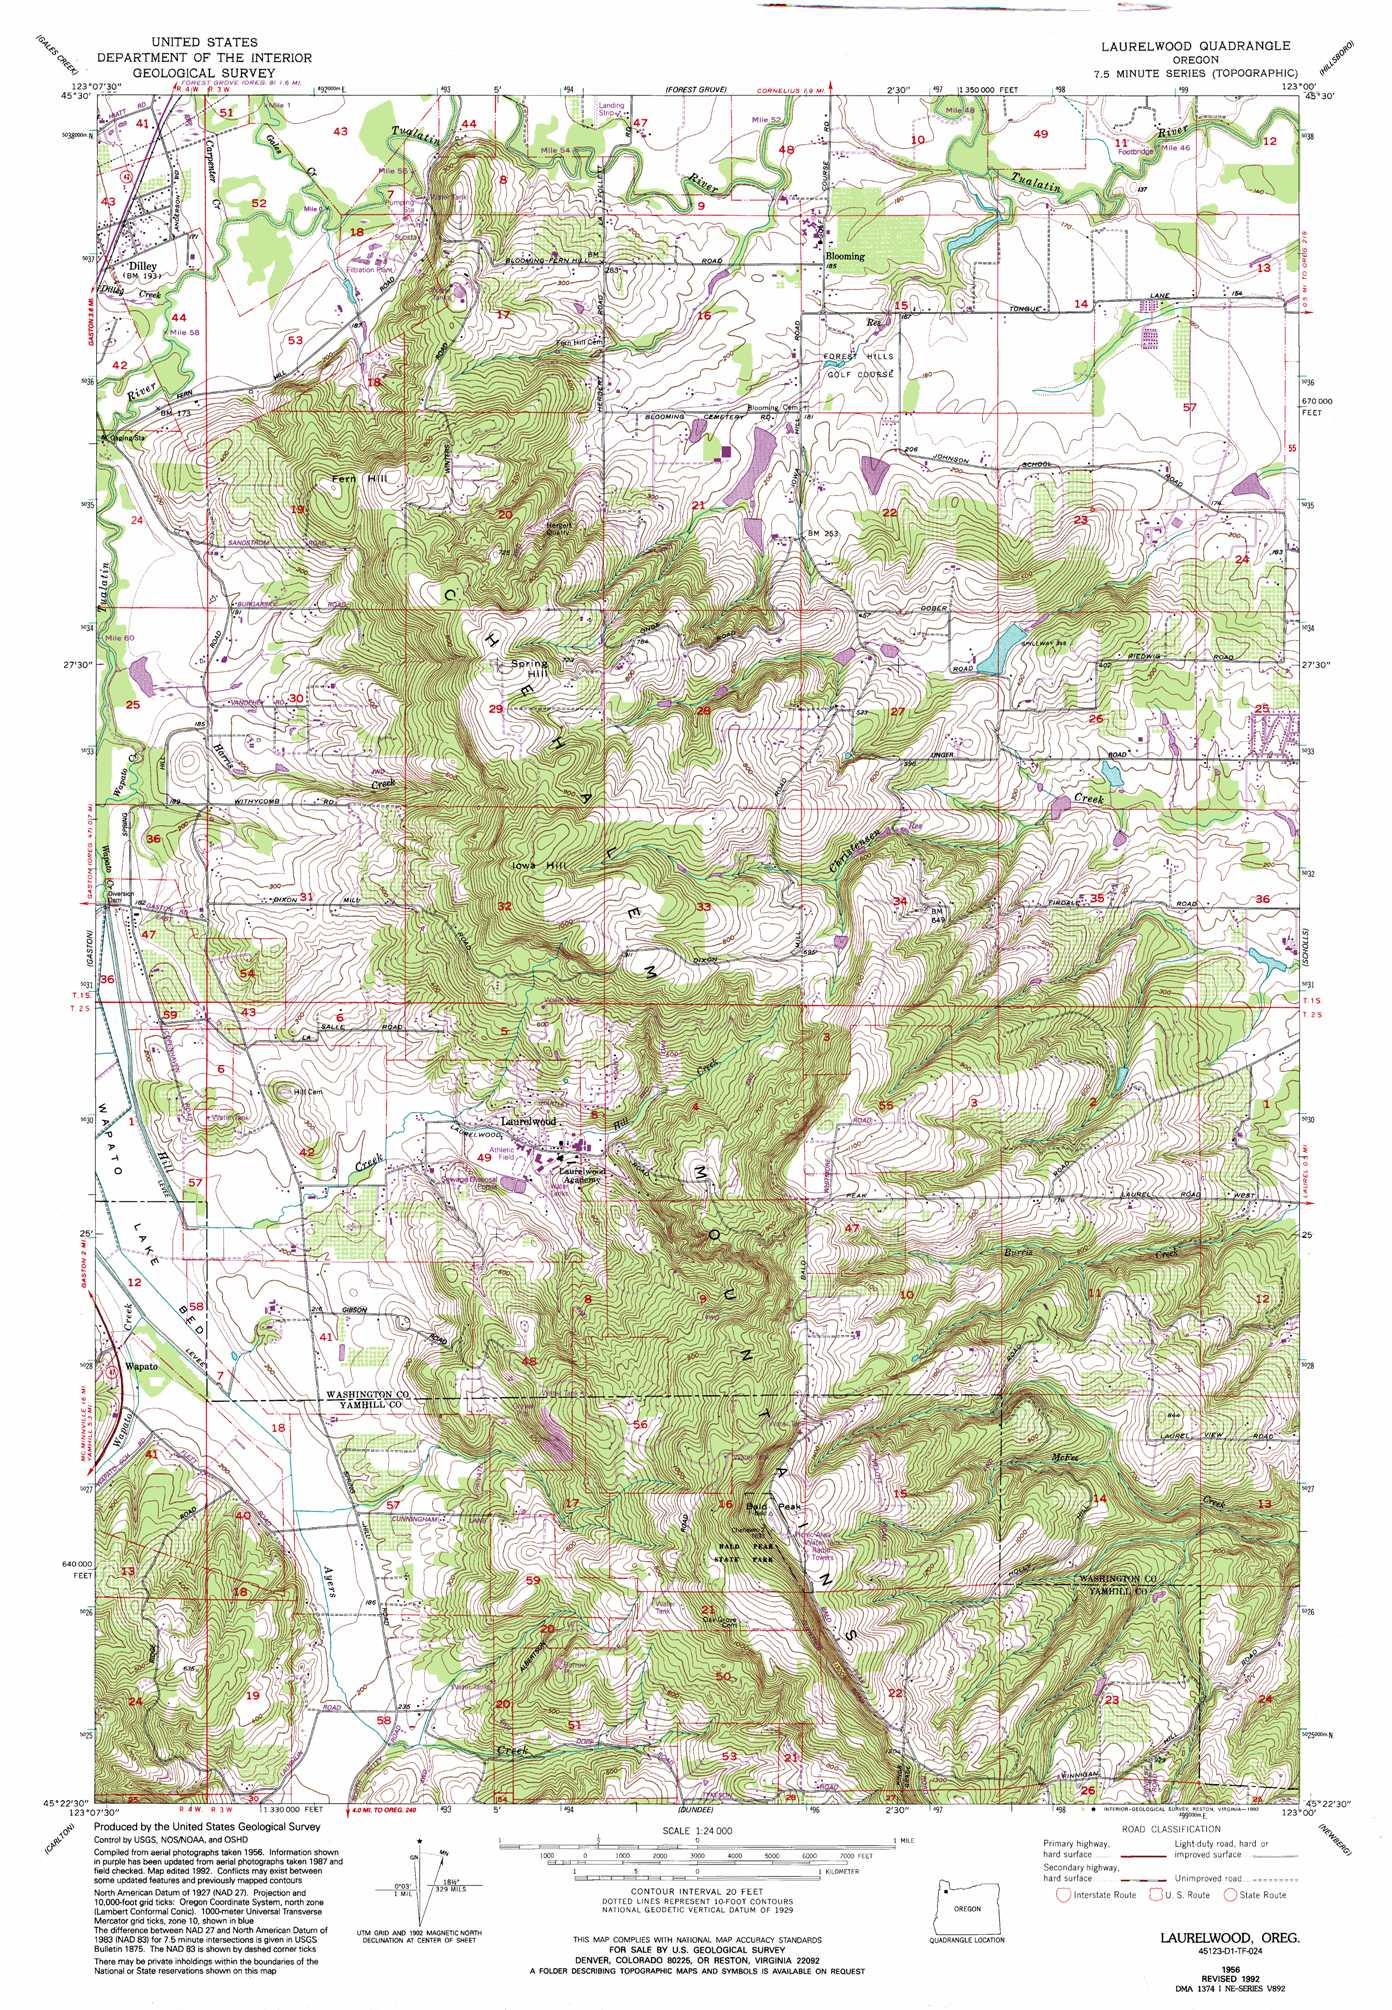 Laurelwood topographic map or usgs topo quad 45123d1 for Laurelwood